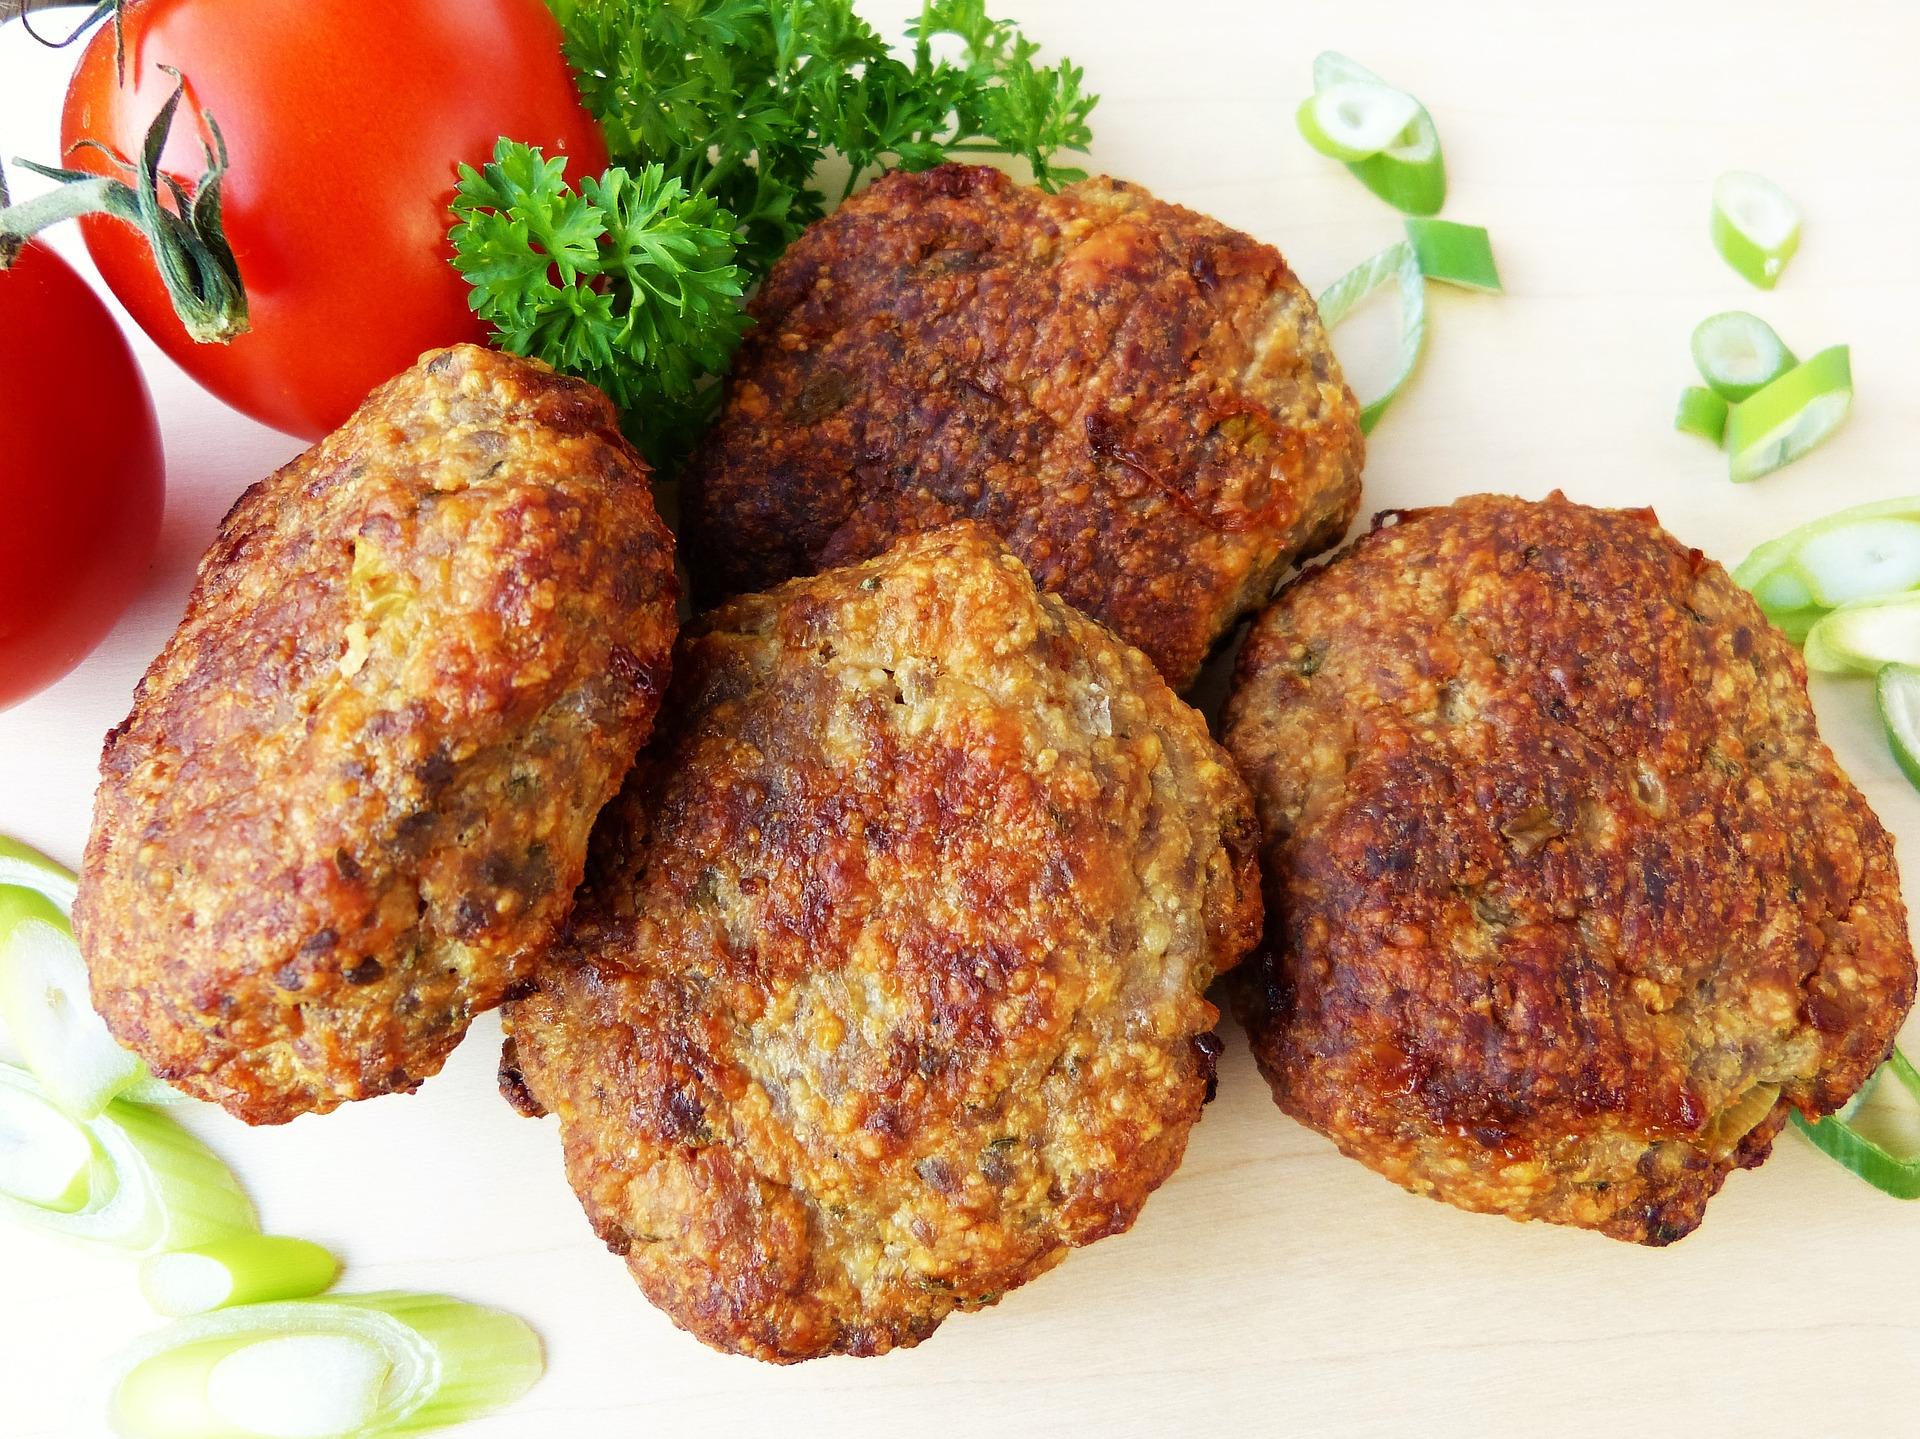 Chiftelute cu carne de porc - sfatulparintilor.ro - pixabay_com - meatballs-2023247_1920